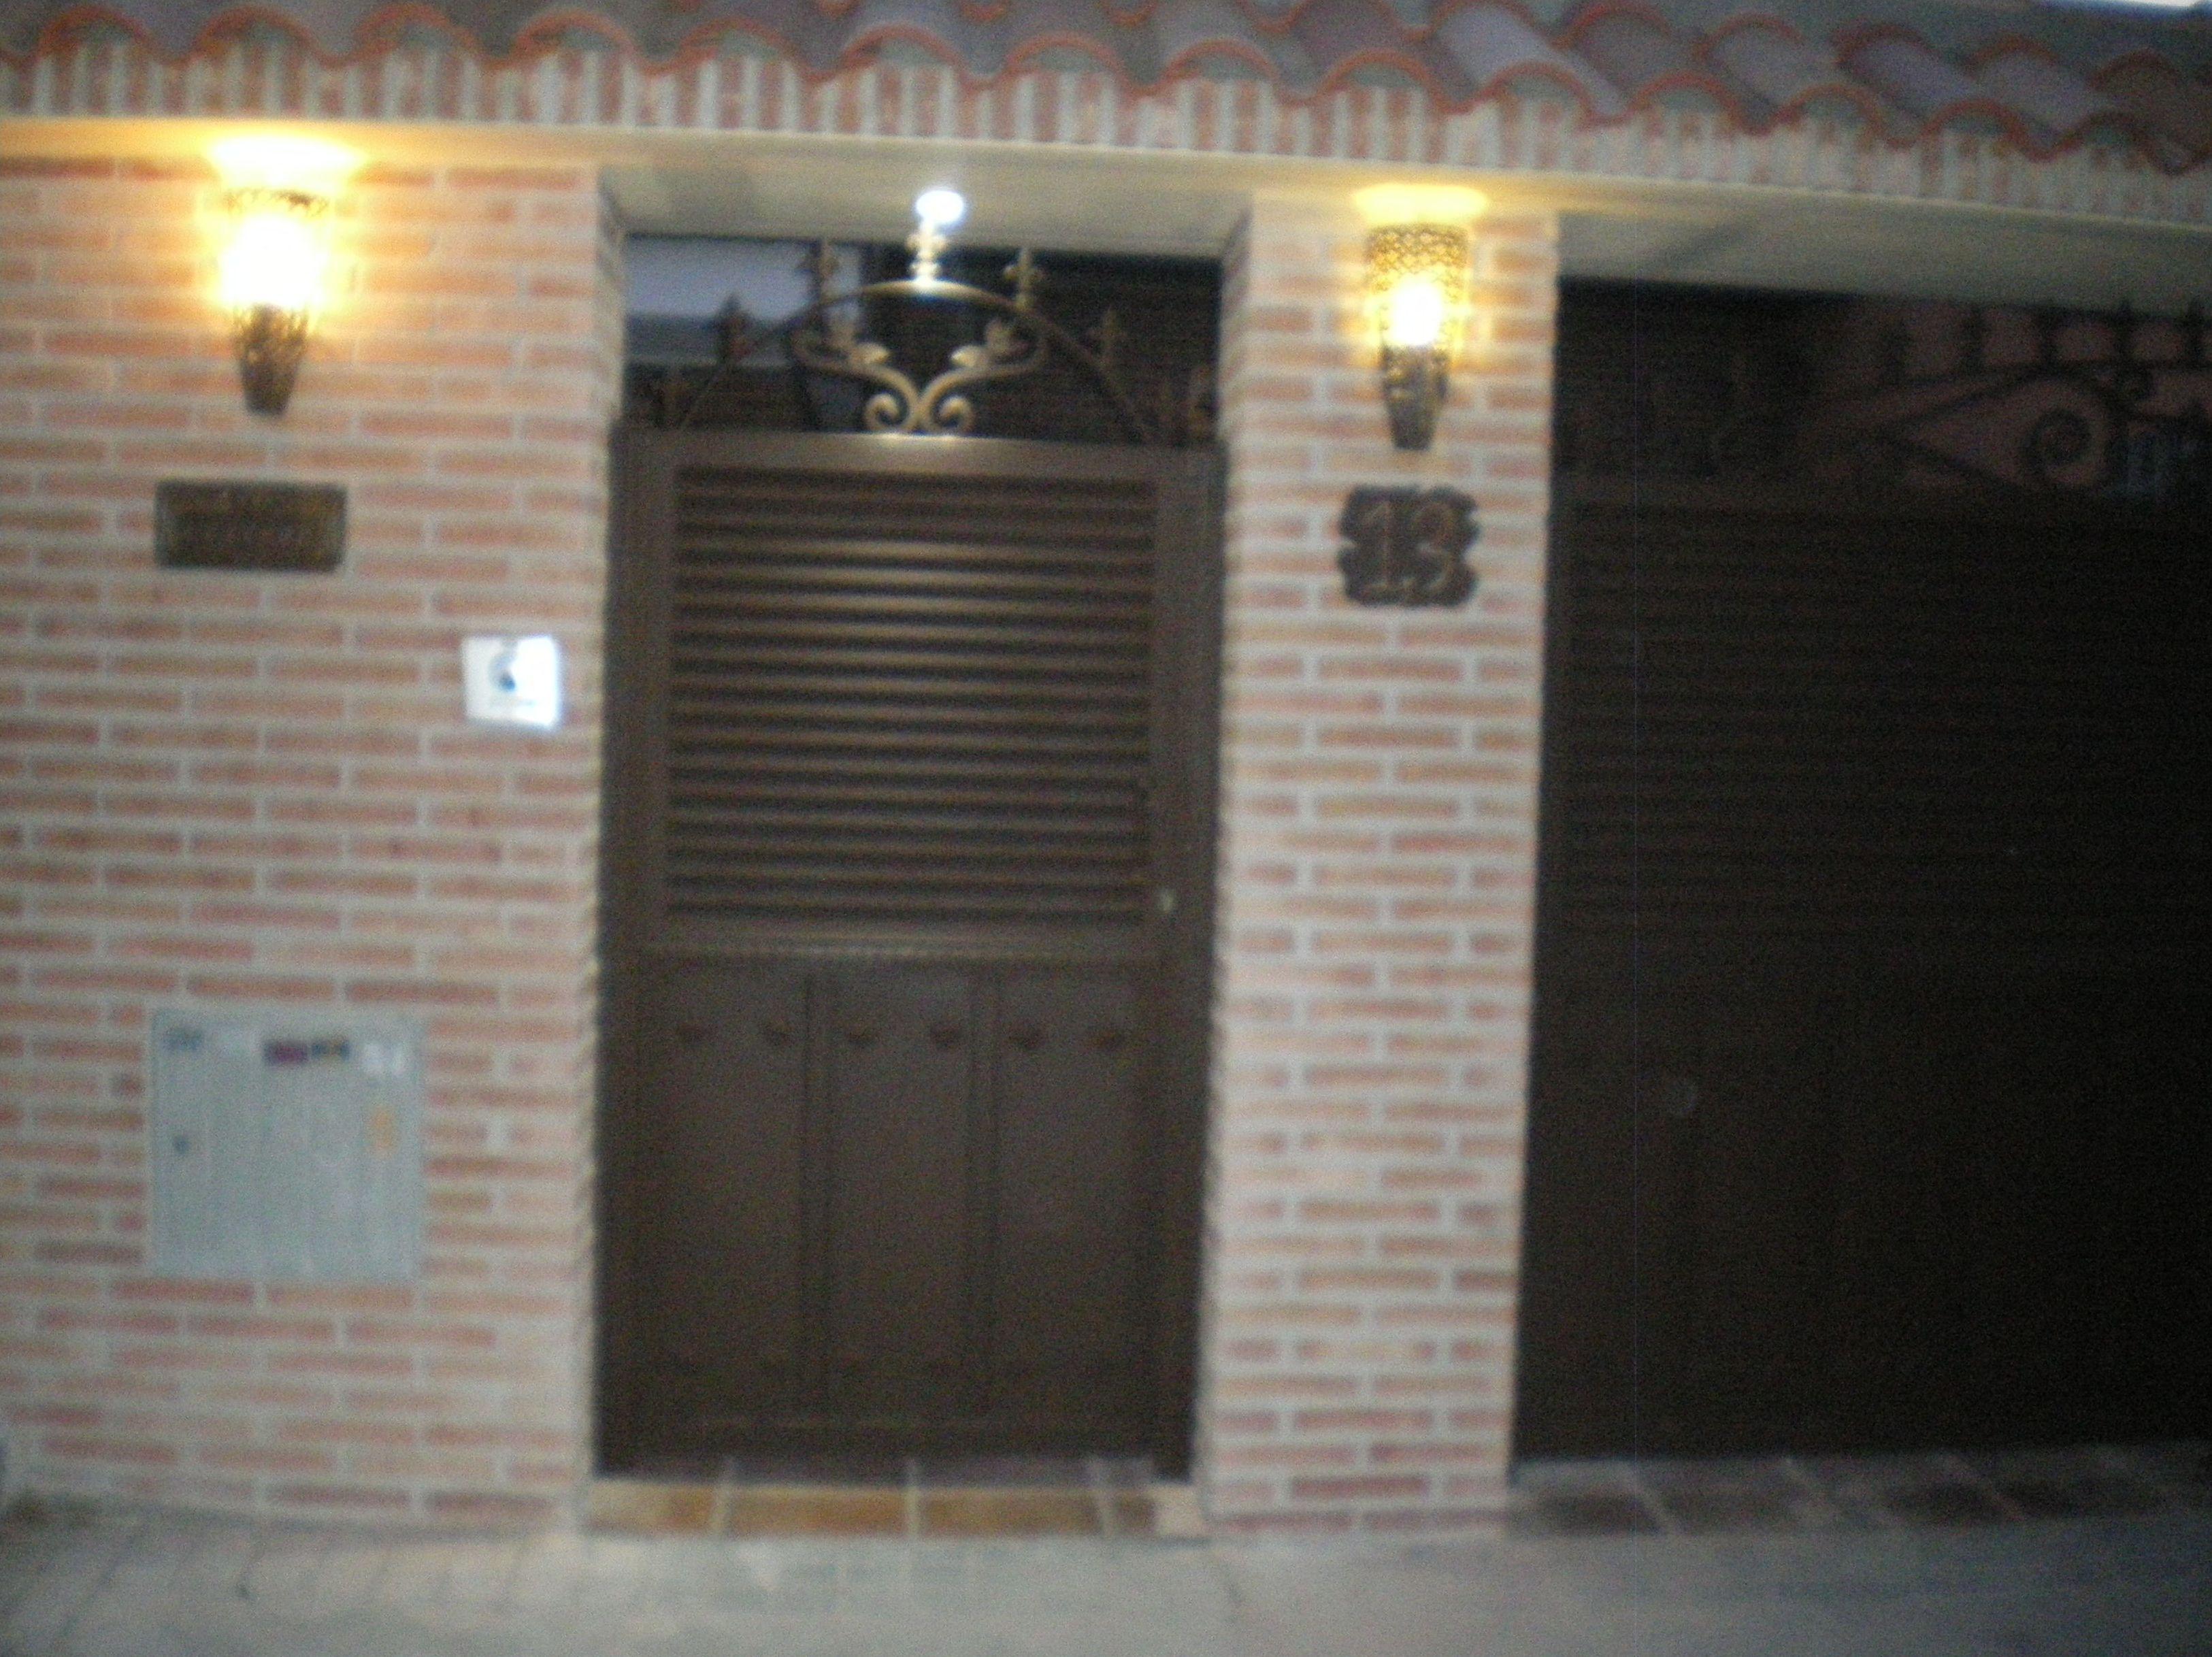 P3 - Puertas de entrada a vivienda